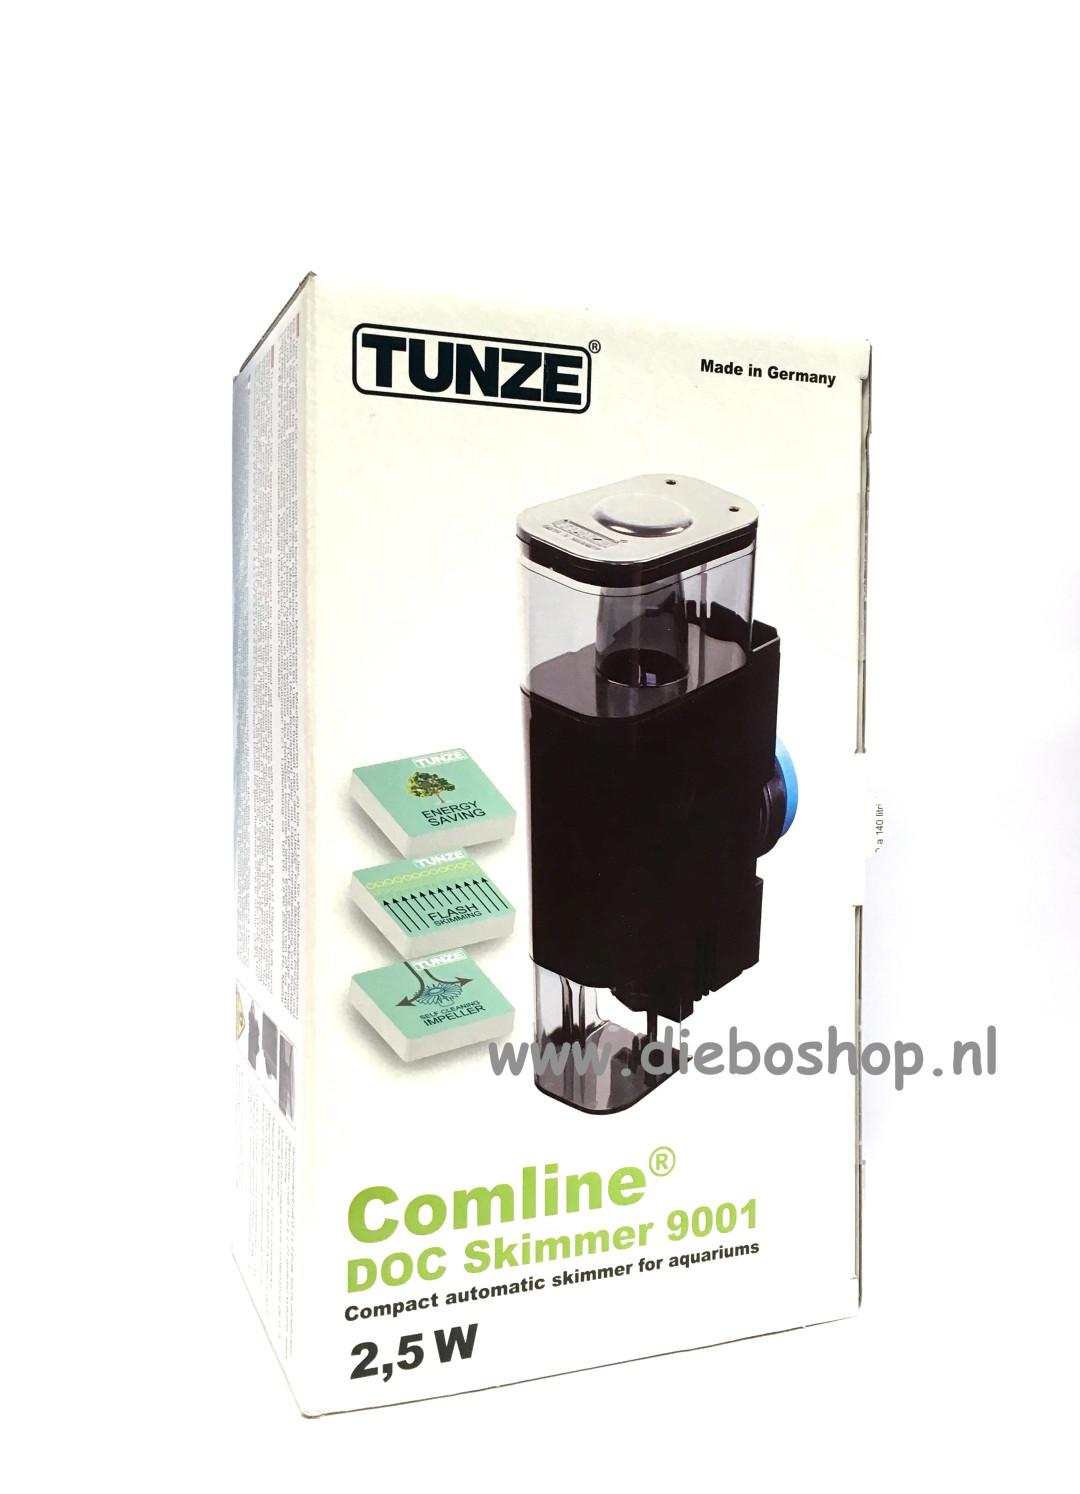 Tunze Doc Skimmer 9001